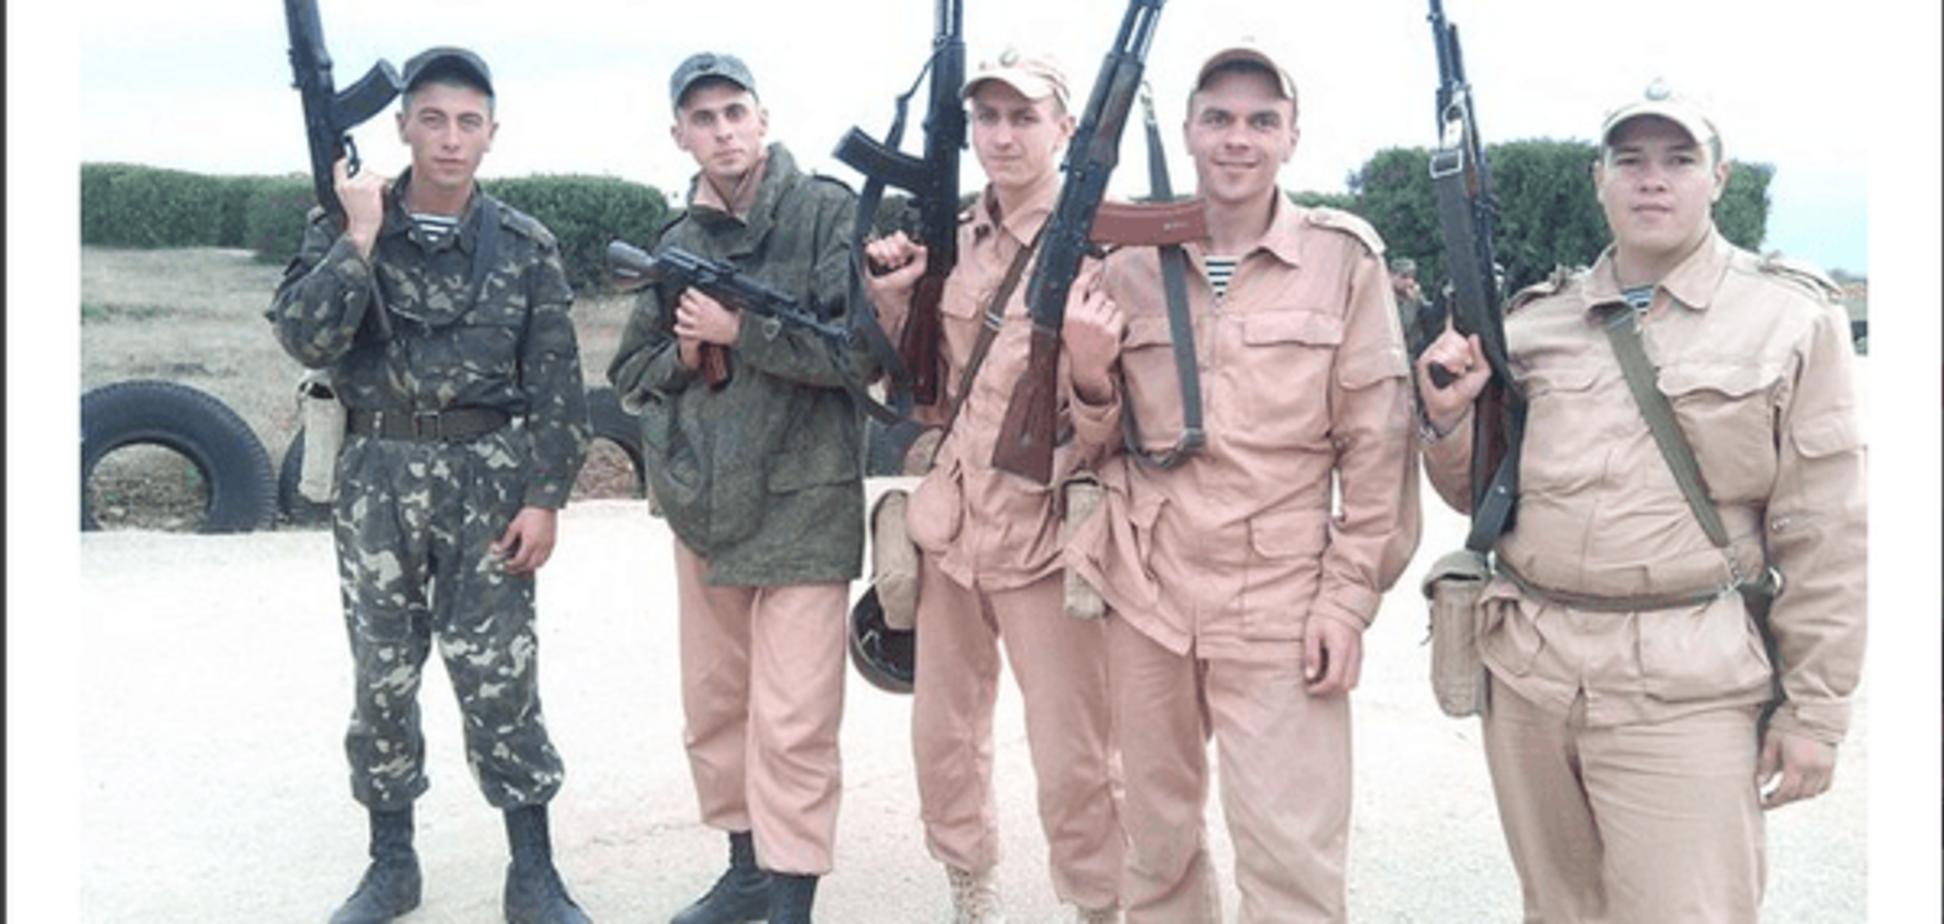 Россия готовит в Крыму солдат для наземной операции в Сирии: опубликованы фото